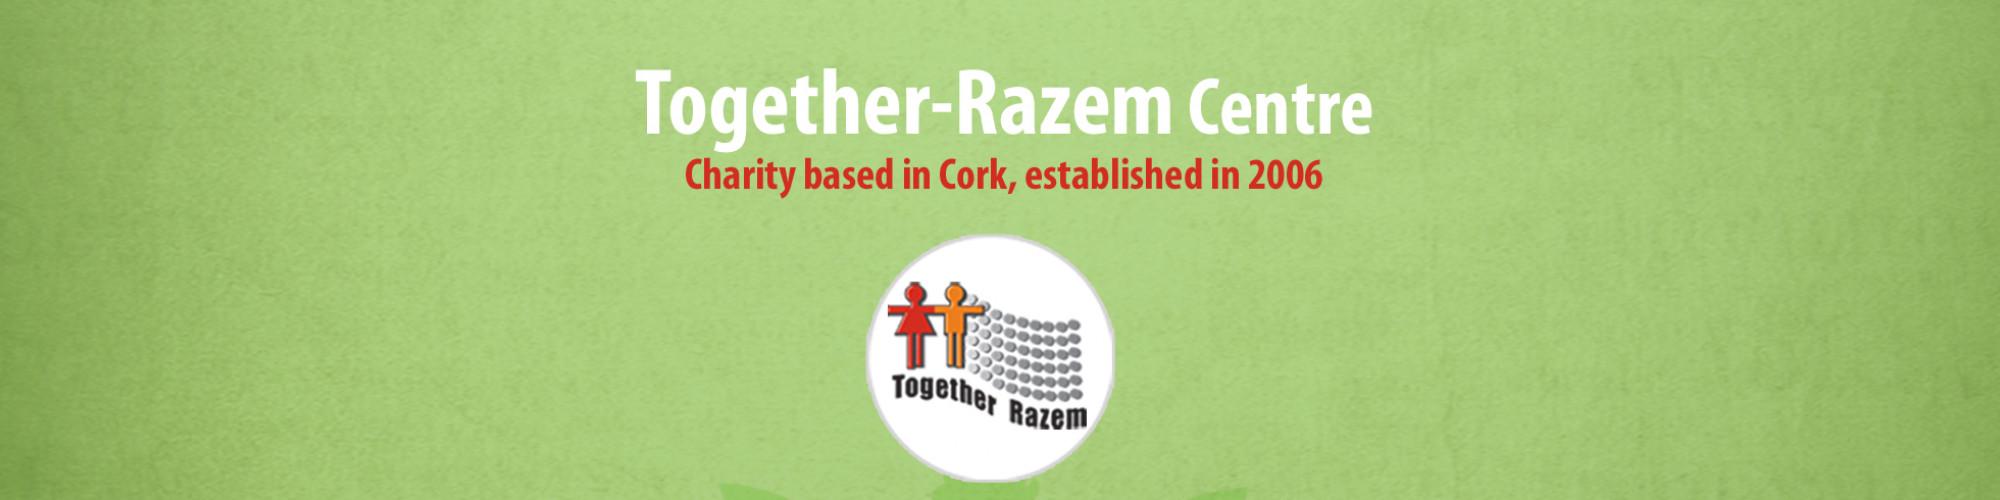 Together Razem Centre